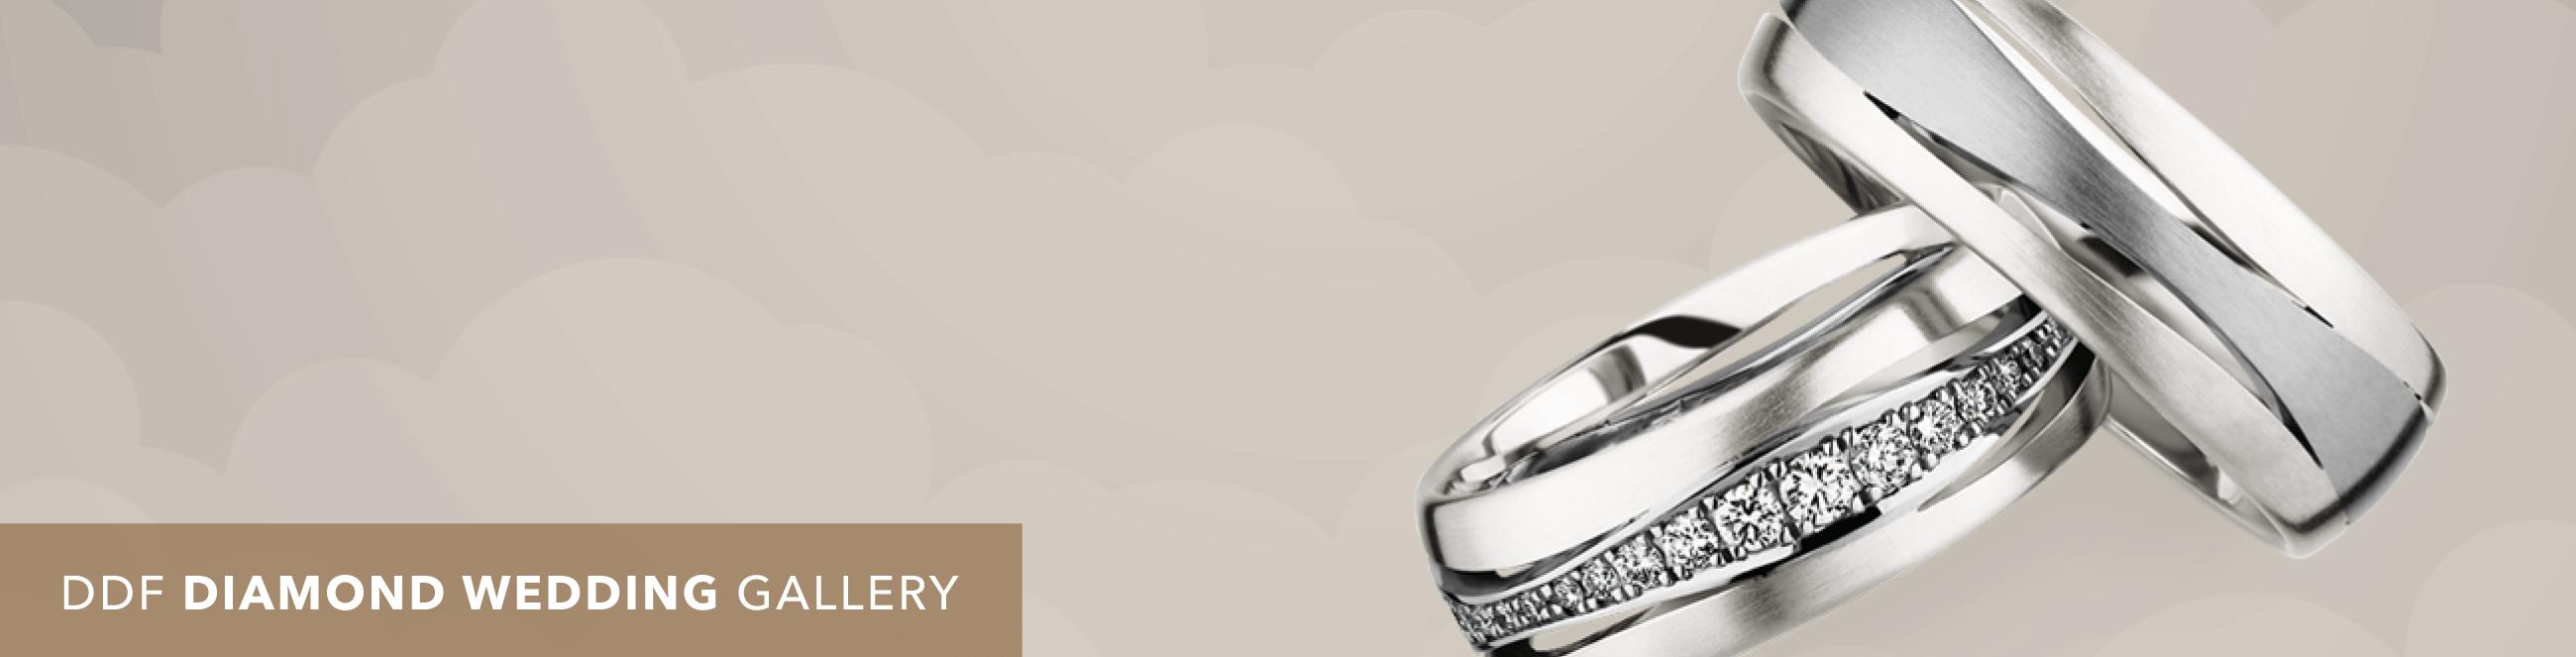 fitted wedding rings dublin | ladies & mens wedding rings ireland